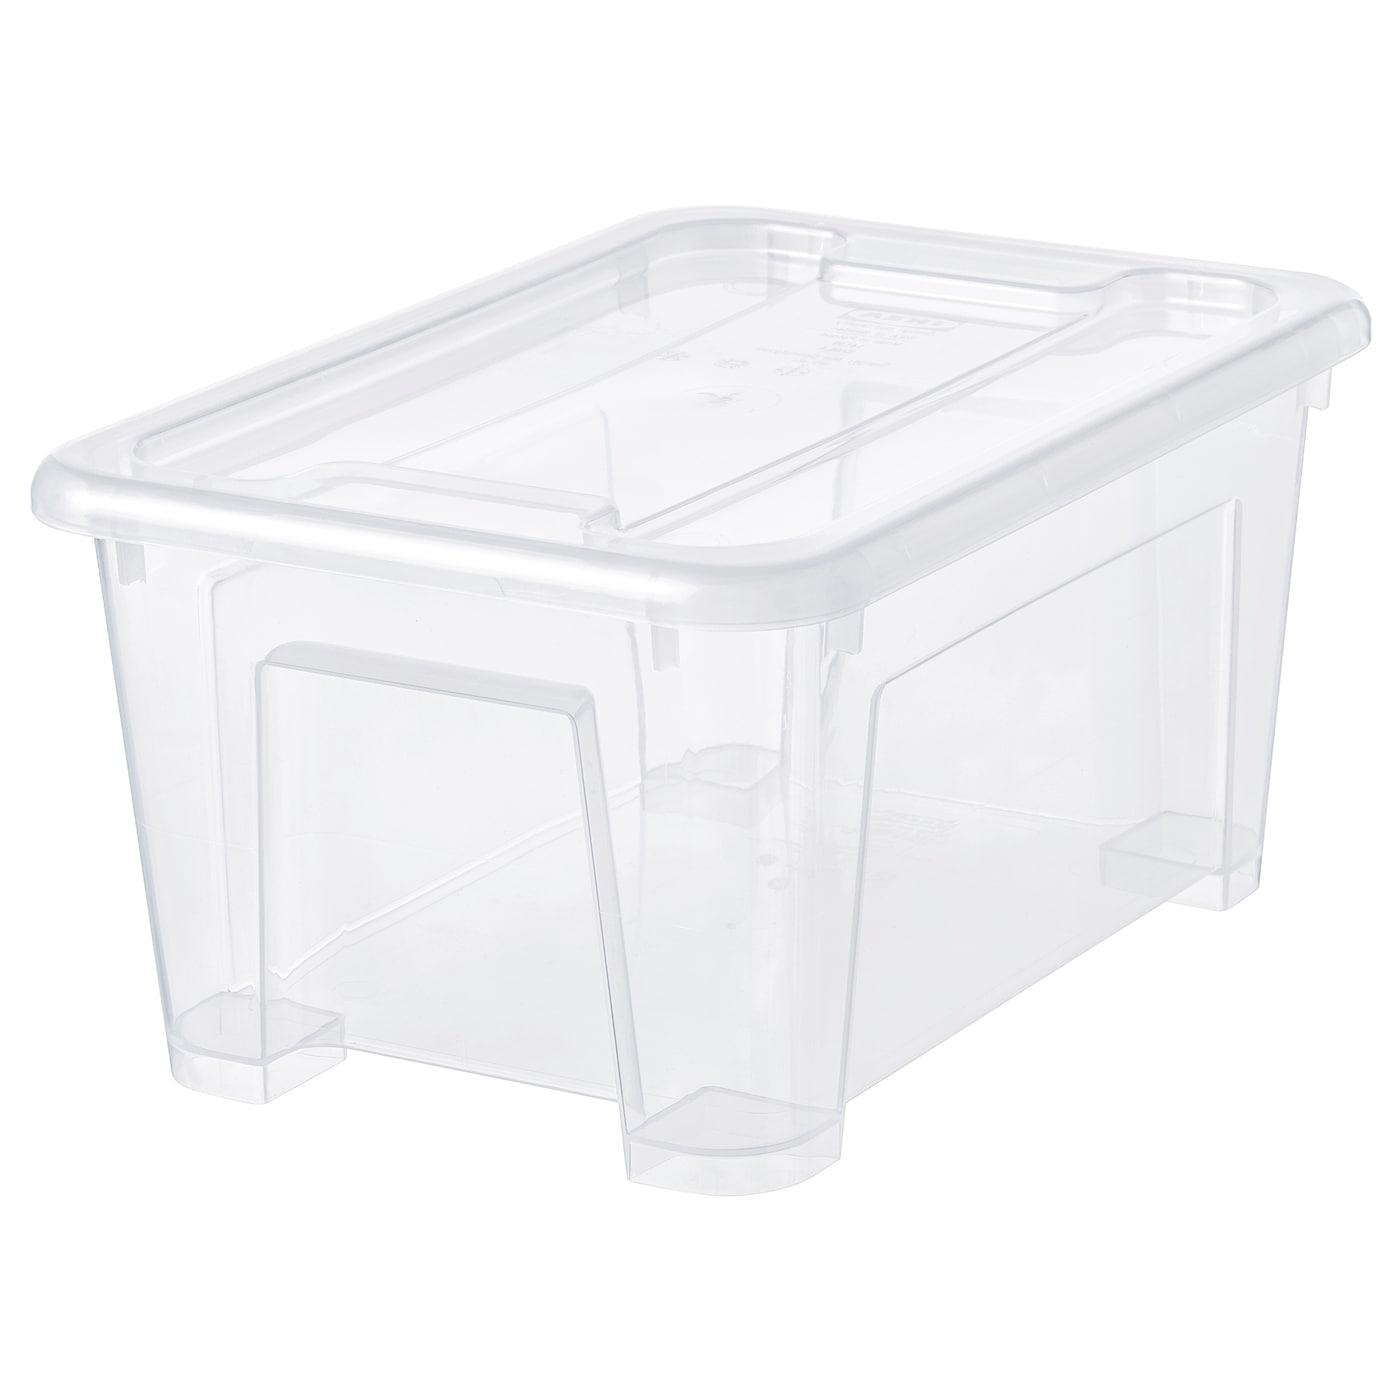 Samla Boite Avec Couvercle Transparent 28x20x14 Cm 5 L Ikea